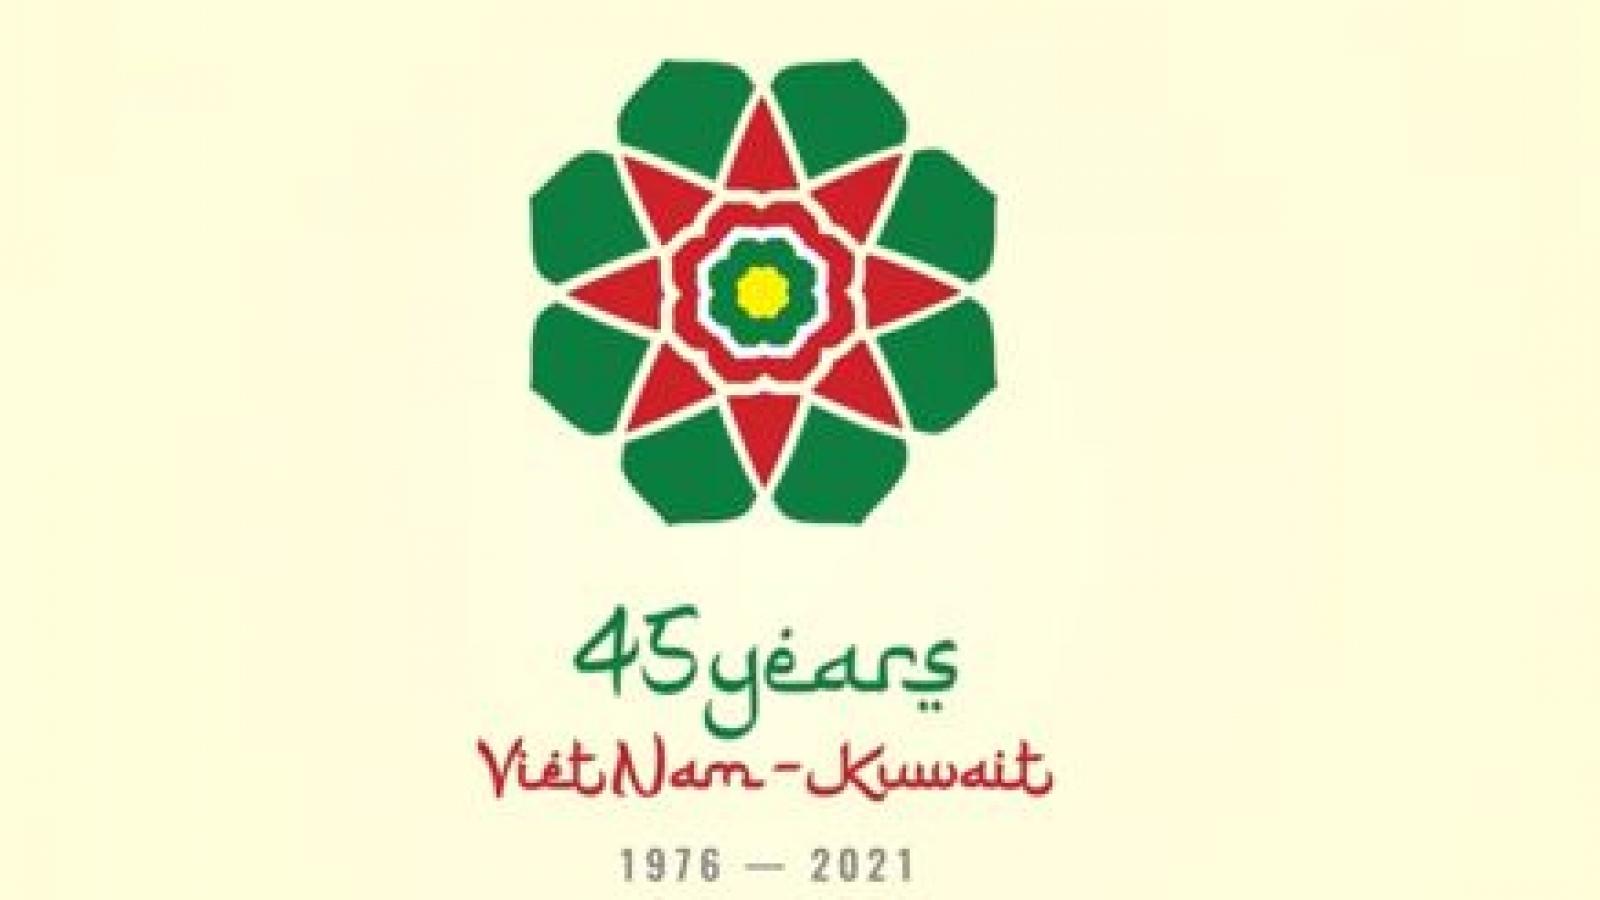 Tổng Bí thư gửi Điện mừng 45 năm thiết lập quan hệ ngoại giao Việt Nam – Kuwait